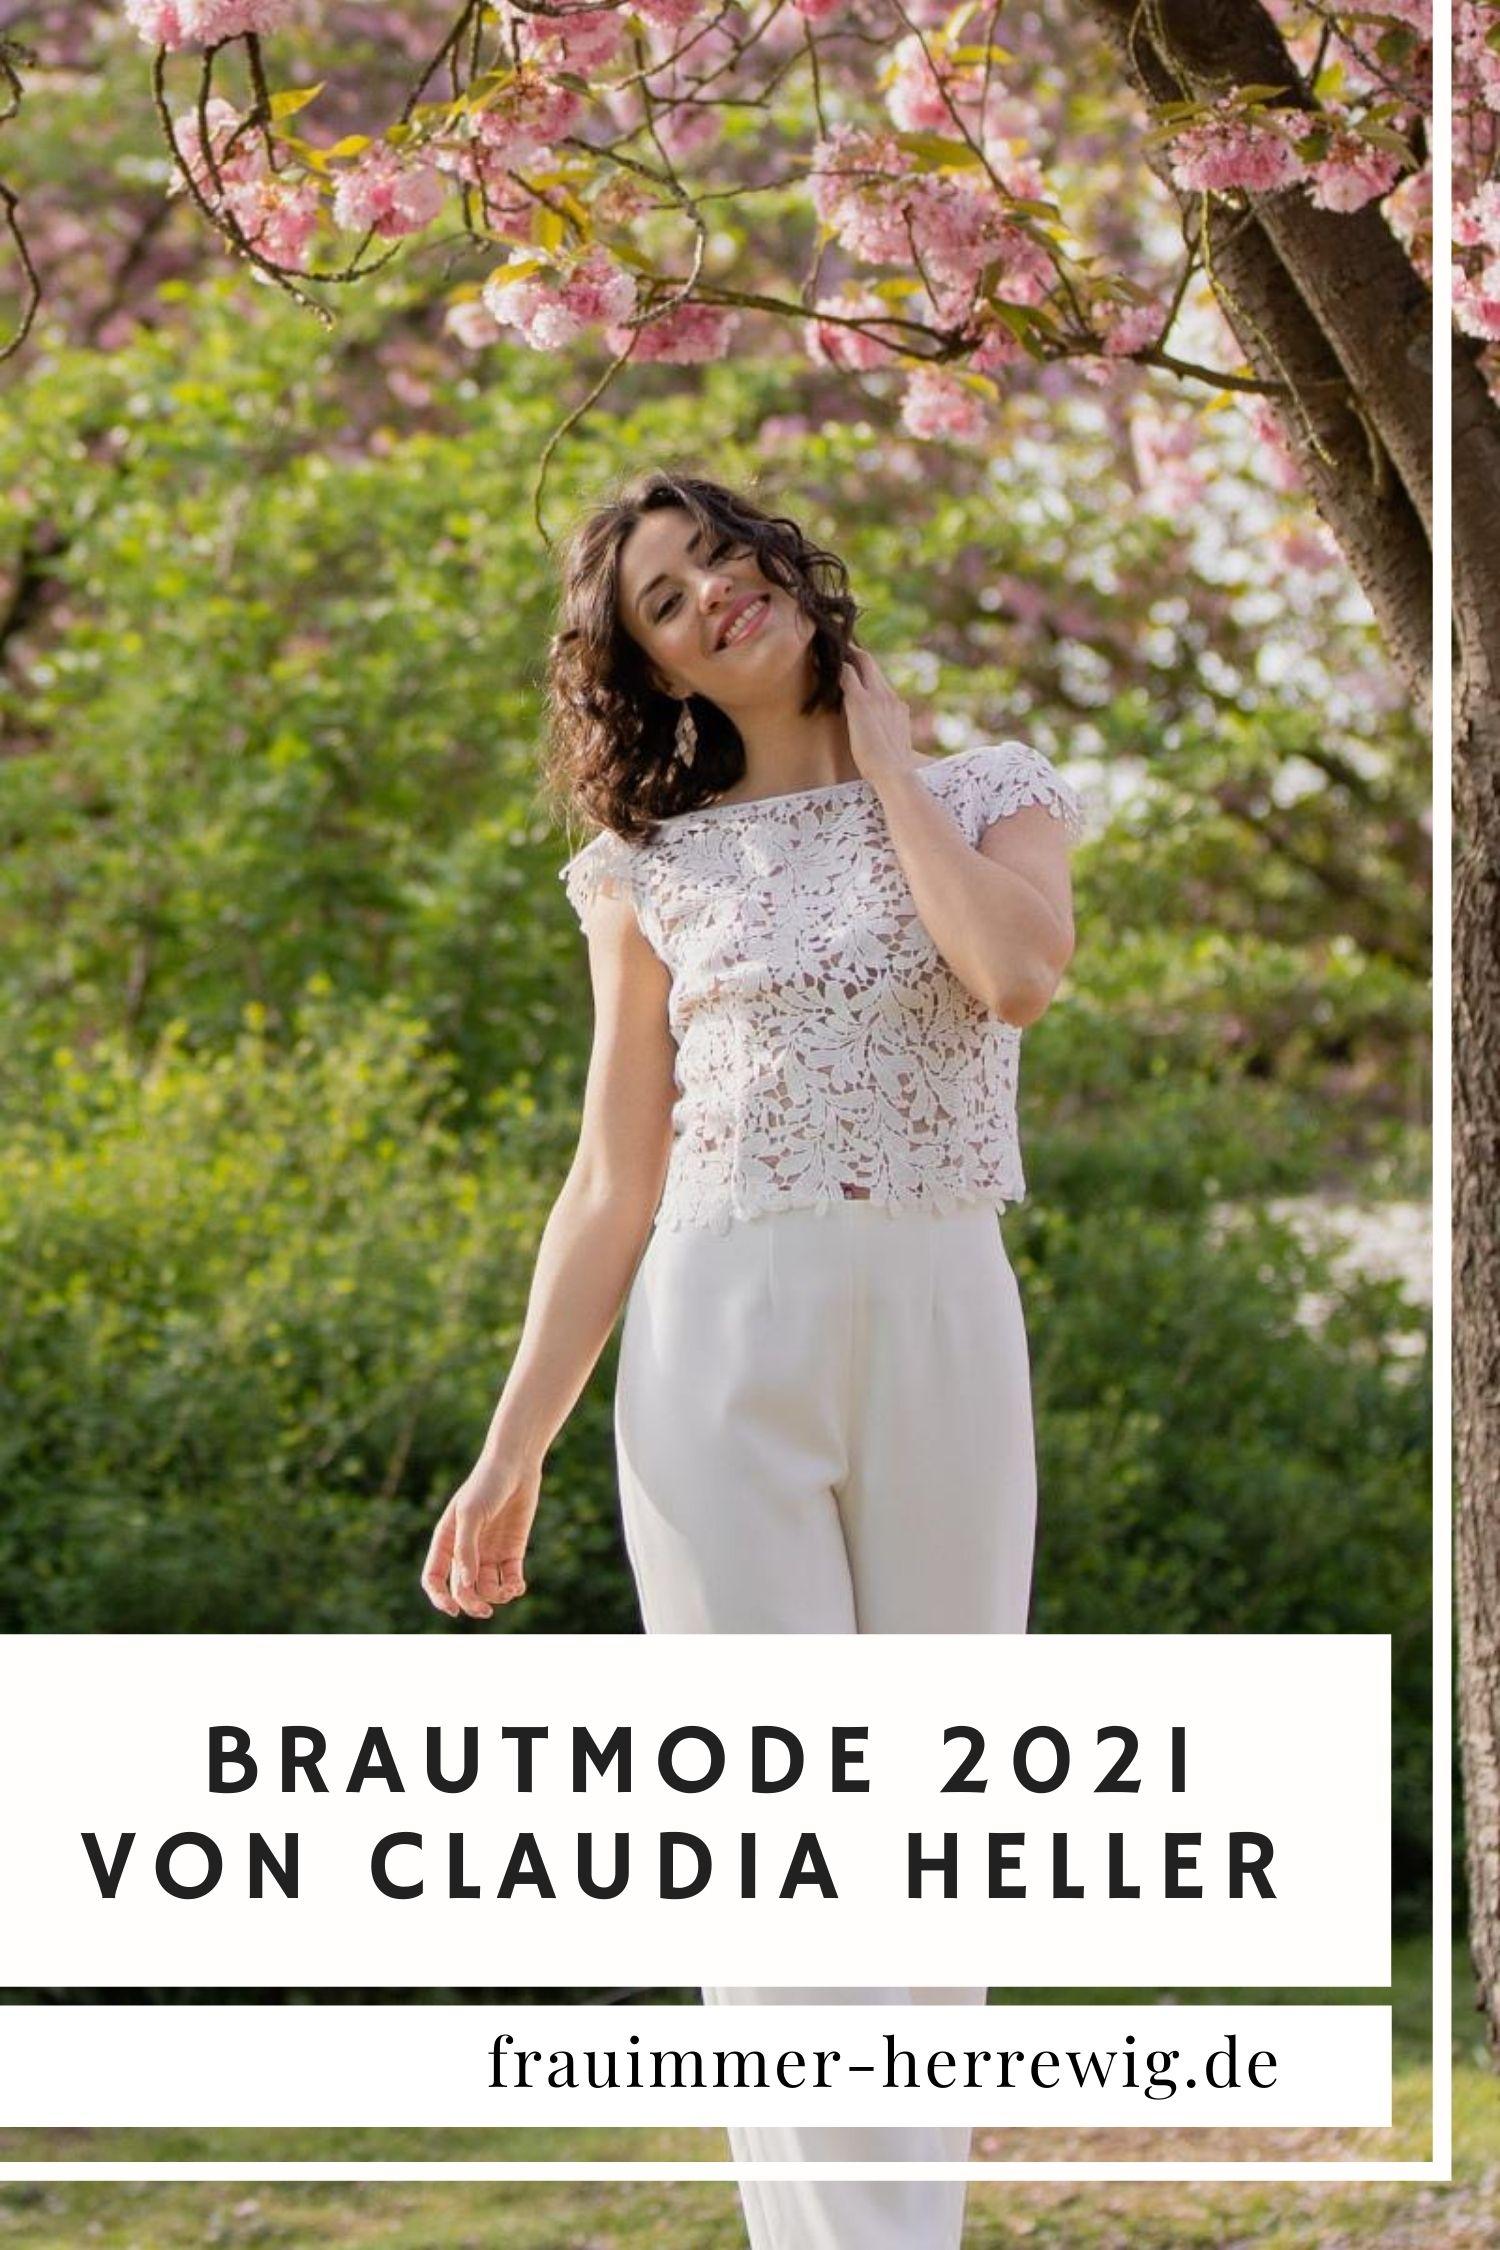 Brautmode 2021 claudia heller – gesehen bei frauimmer-herrewig.de